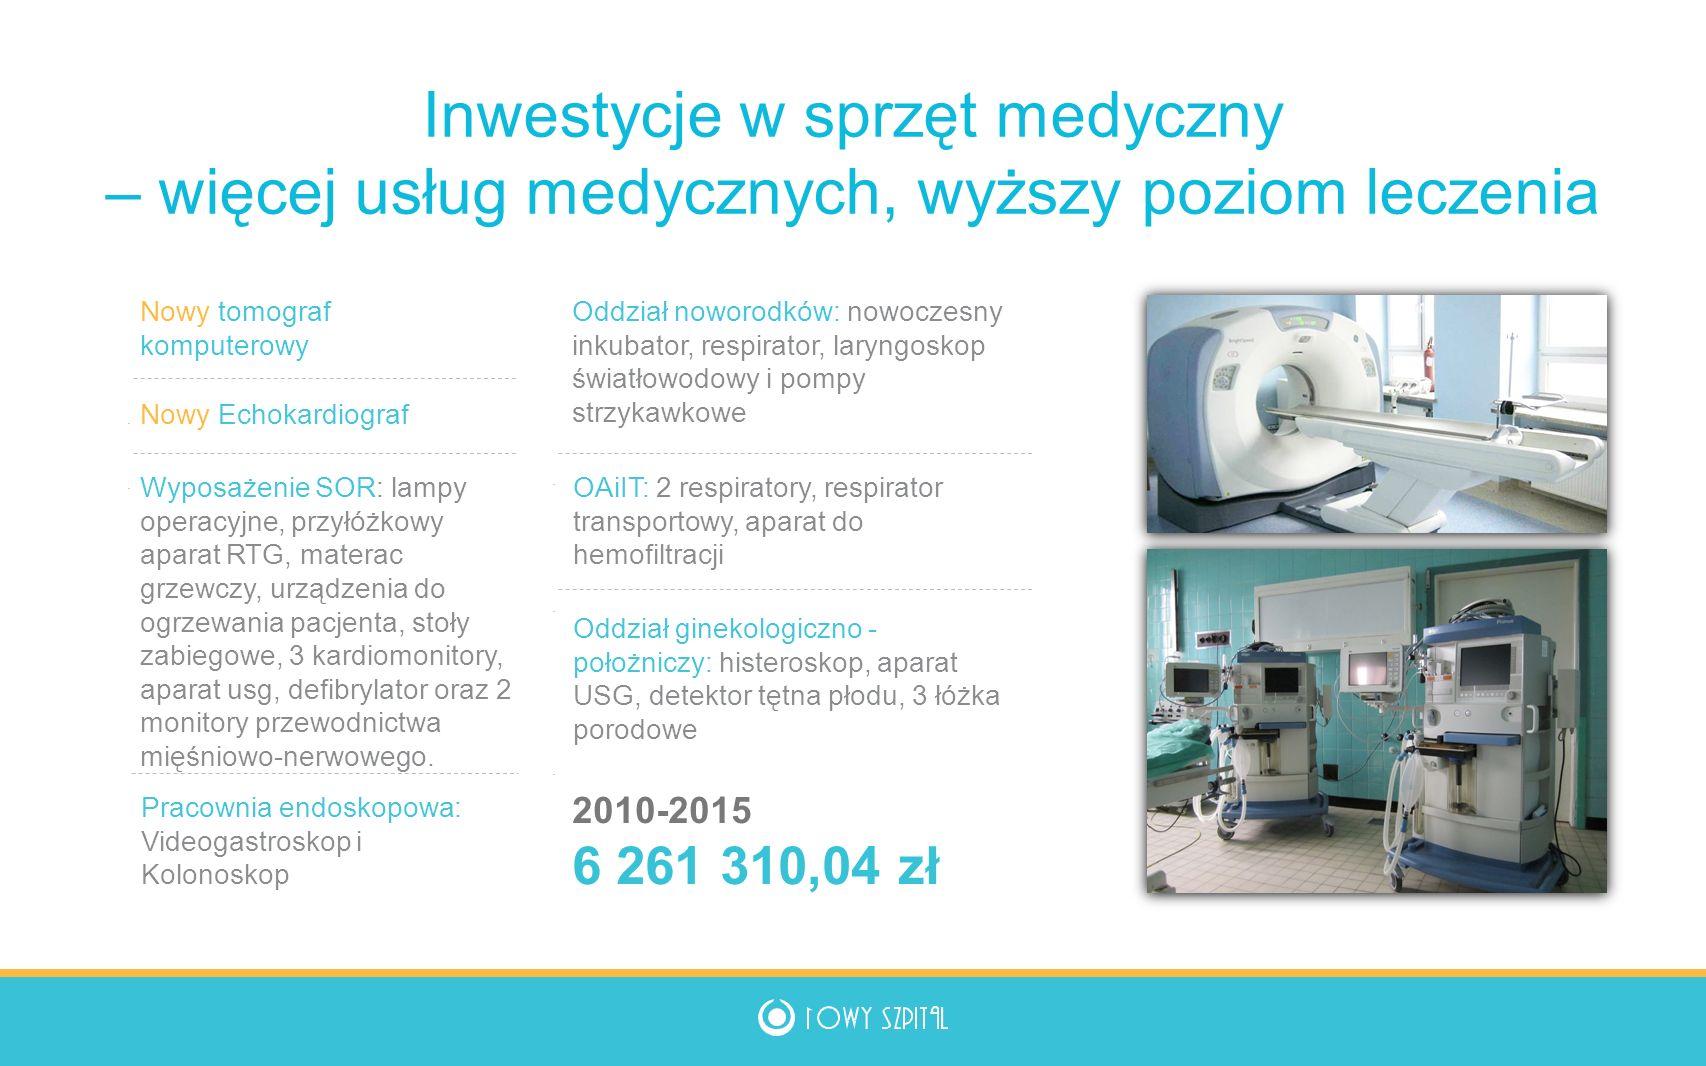 Inwestycje w sprzęt medyczny – więcej usług medycznych, wyższy poziom leczenia Oddział noworodków: nowoczesny inkubator, respirator, laryngoskop światłowodowy i pompy strzykawkowe OAiIT: 2 respiratory, respirator transportowy, aparat do hemofiltracji Oddział ginekologiczno - położniczy: histeroskop, aparat USG, detektor tętna płodu, 3 łóżka porodowe Pracownia endoskopowa: Videogastroskop i Kolonoskop Nowy tomograf komputerowy Nowy Echokardiograf Wyposażenie SOR: lampy operacyjne, przyłóżkowy aparat RTG, materac grzewczy, urządzenia do ogrzewania pacjenta, stoły zabiegowe, 3 kardiomonitory, aparat usg, defibrylator oraz 2 monitory przewodnictwa mięśniowo-nerwowego.